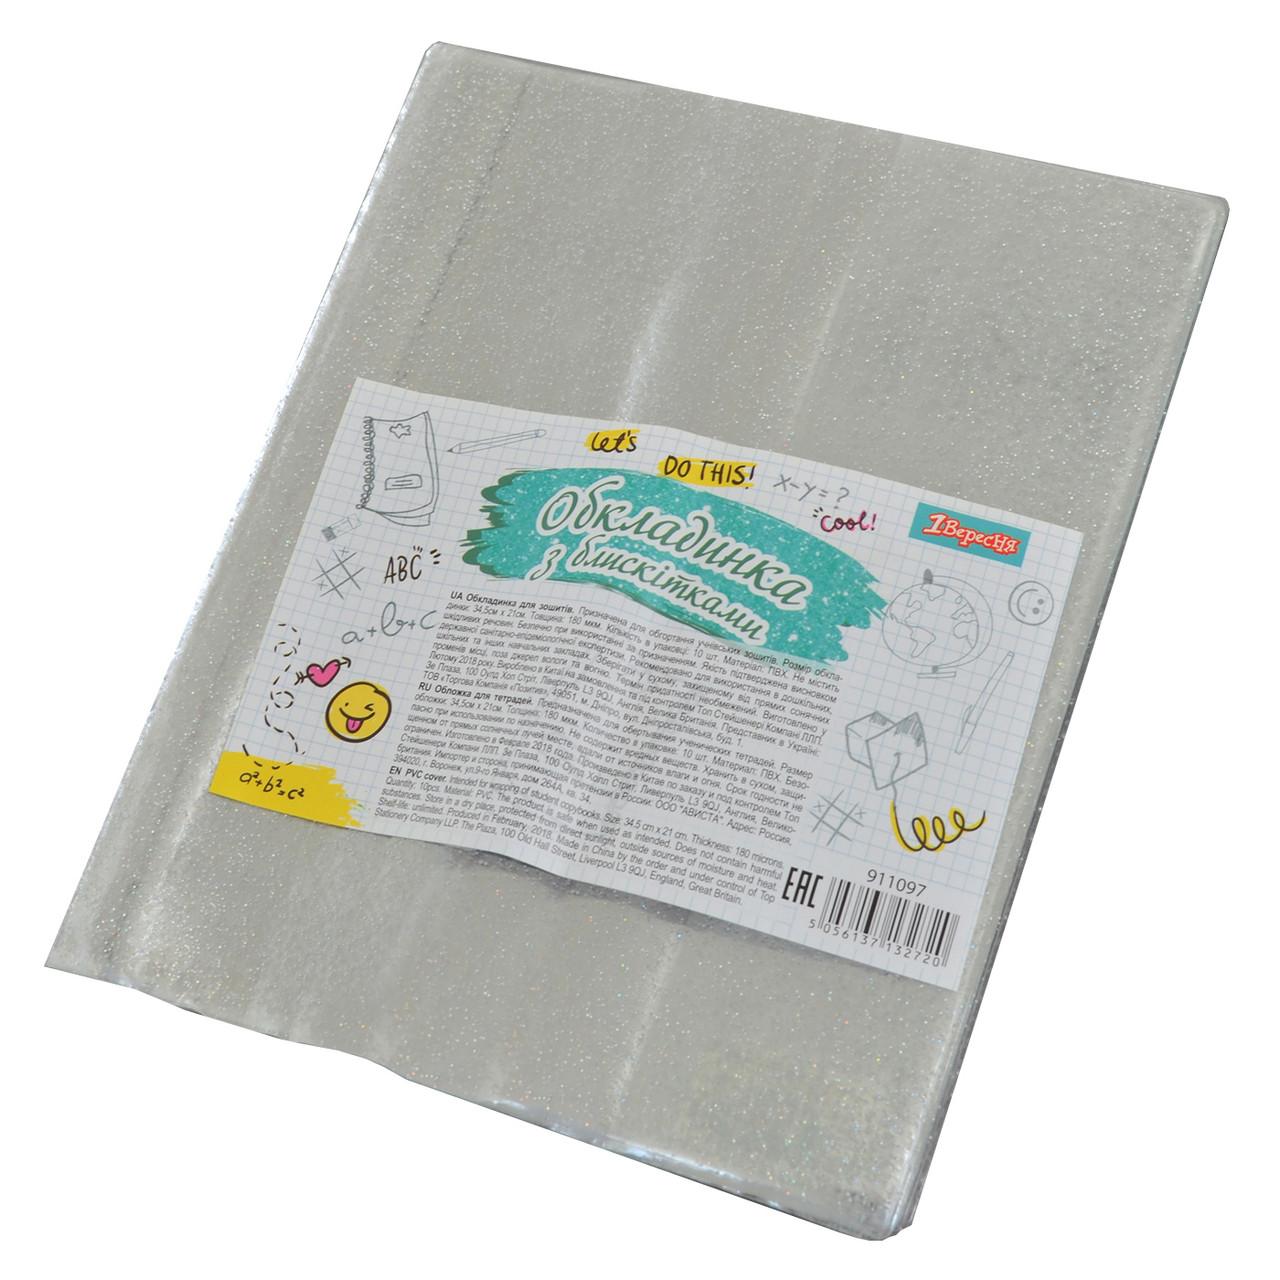 Обкладинка для зошитів PVC (34,5 см*21 см), 180 мкм, гліттер